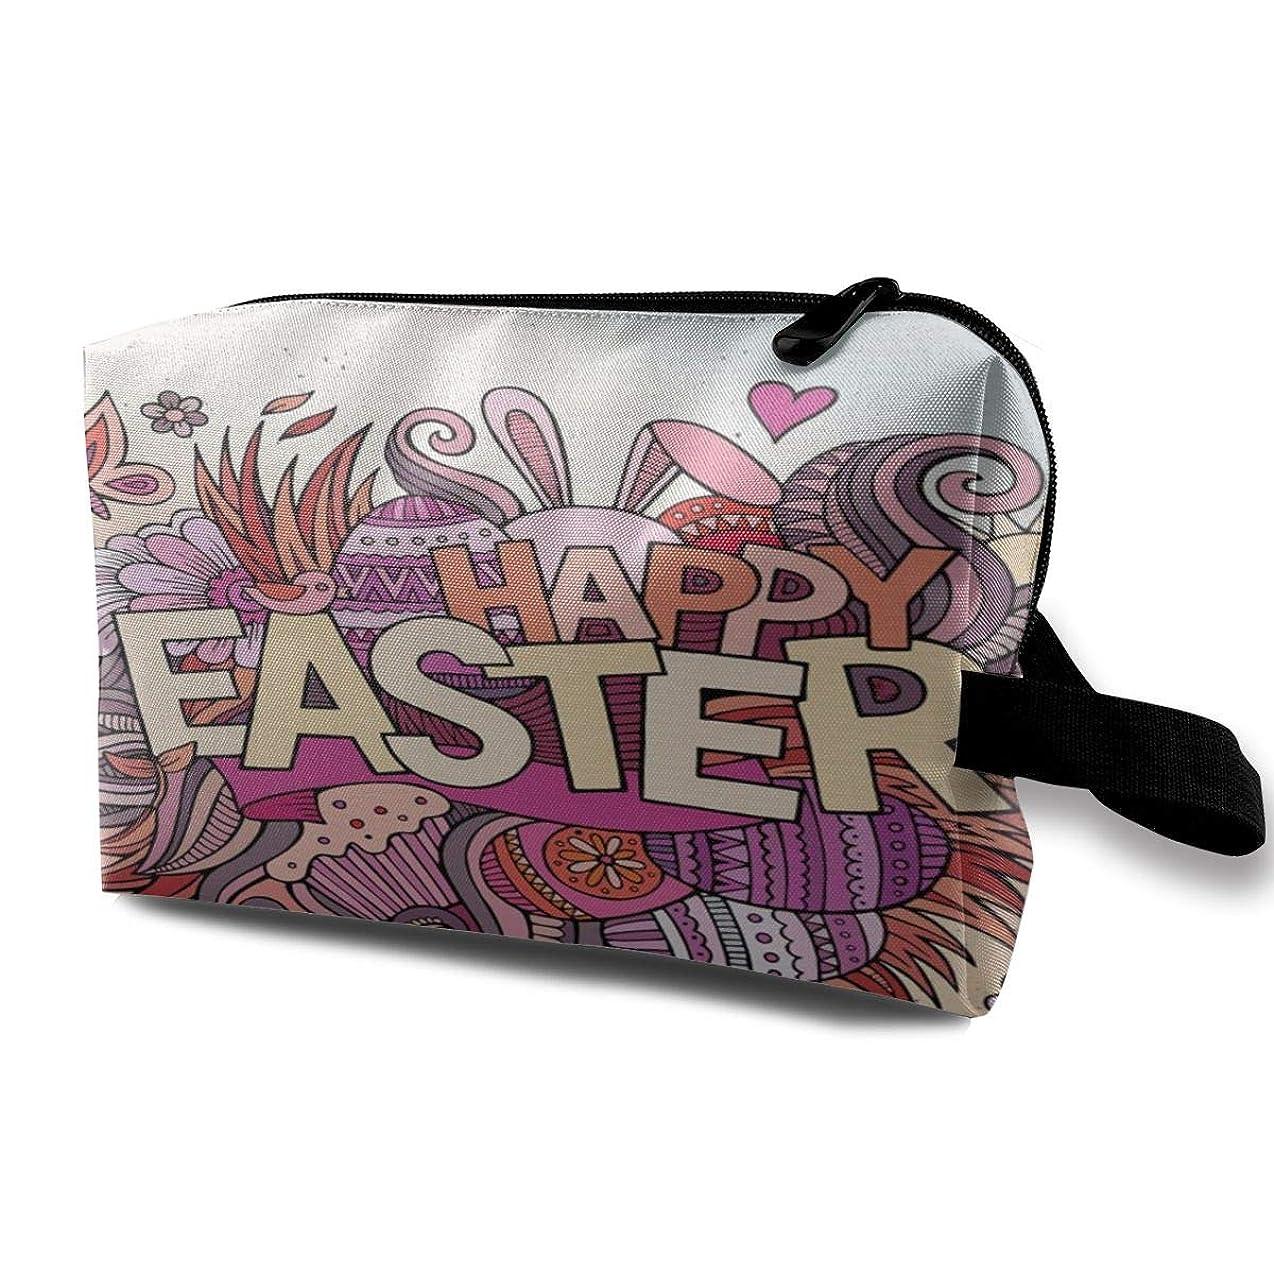 音節アノイずらすHappy Easter Jungle 収納ポーチ 化粧ポーチ 大容量 軽量 耐久性 ハンドル付持ち運び便利。入れ 自宅?出張?旅行?アウトドア撮影などに対応。メンズ レディース トラベルグッズ